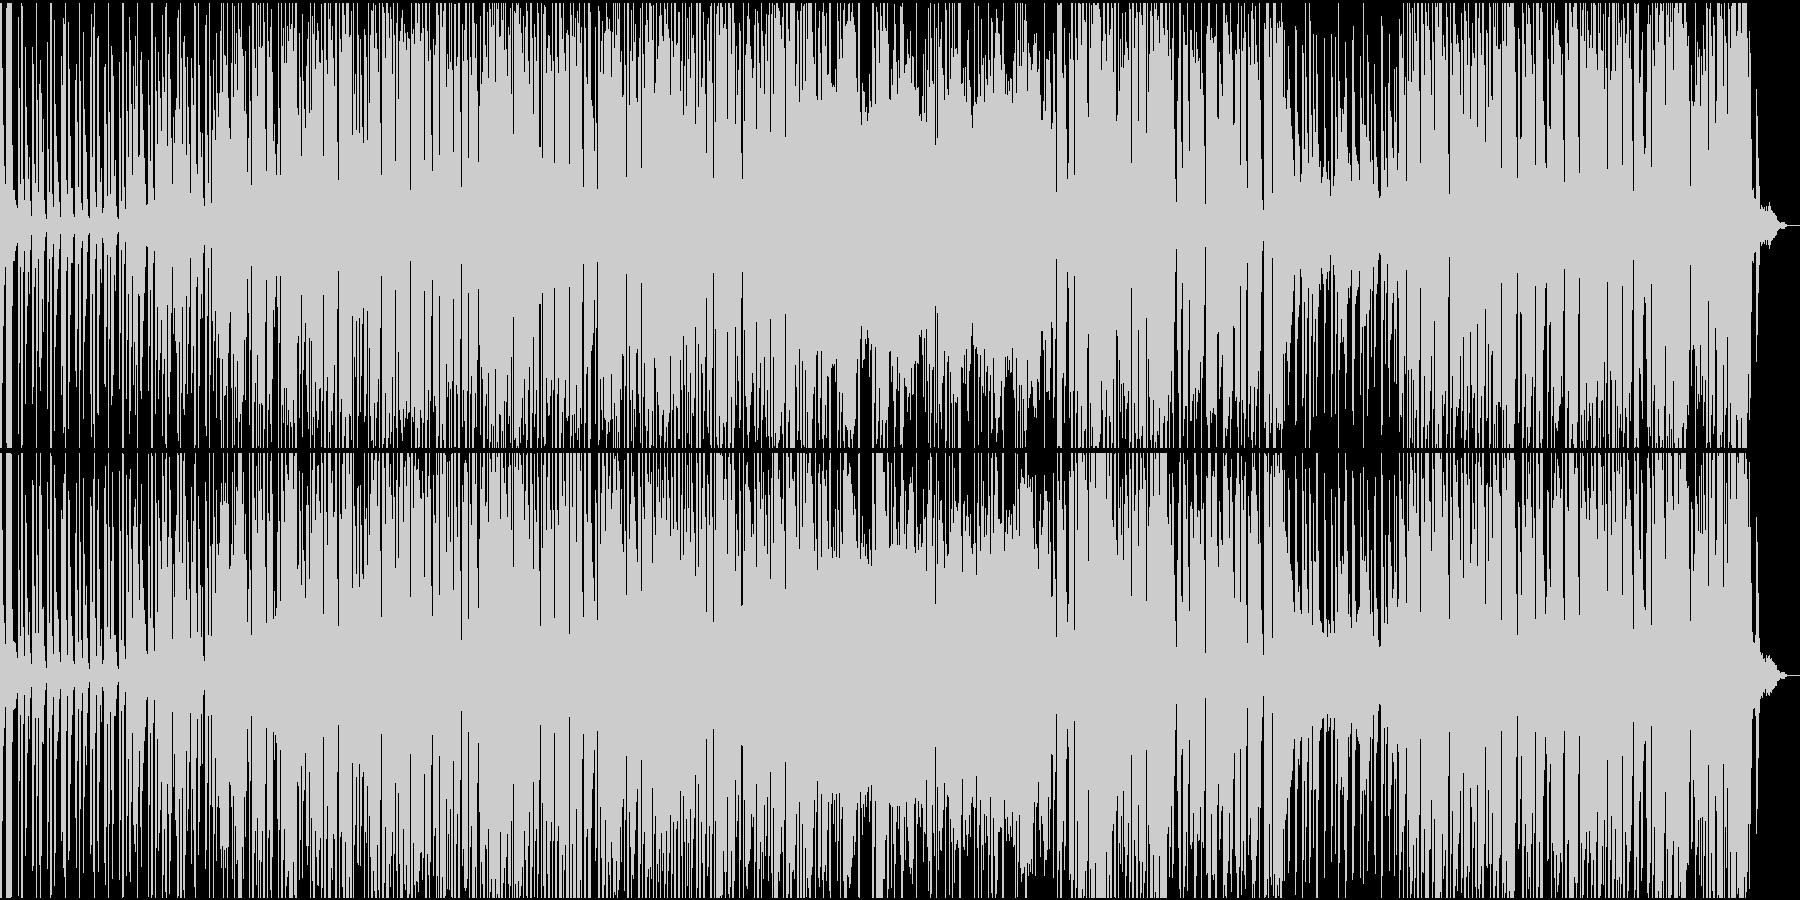 シンプルで流れるように穏やかなレゲエの未再生の波形